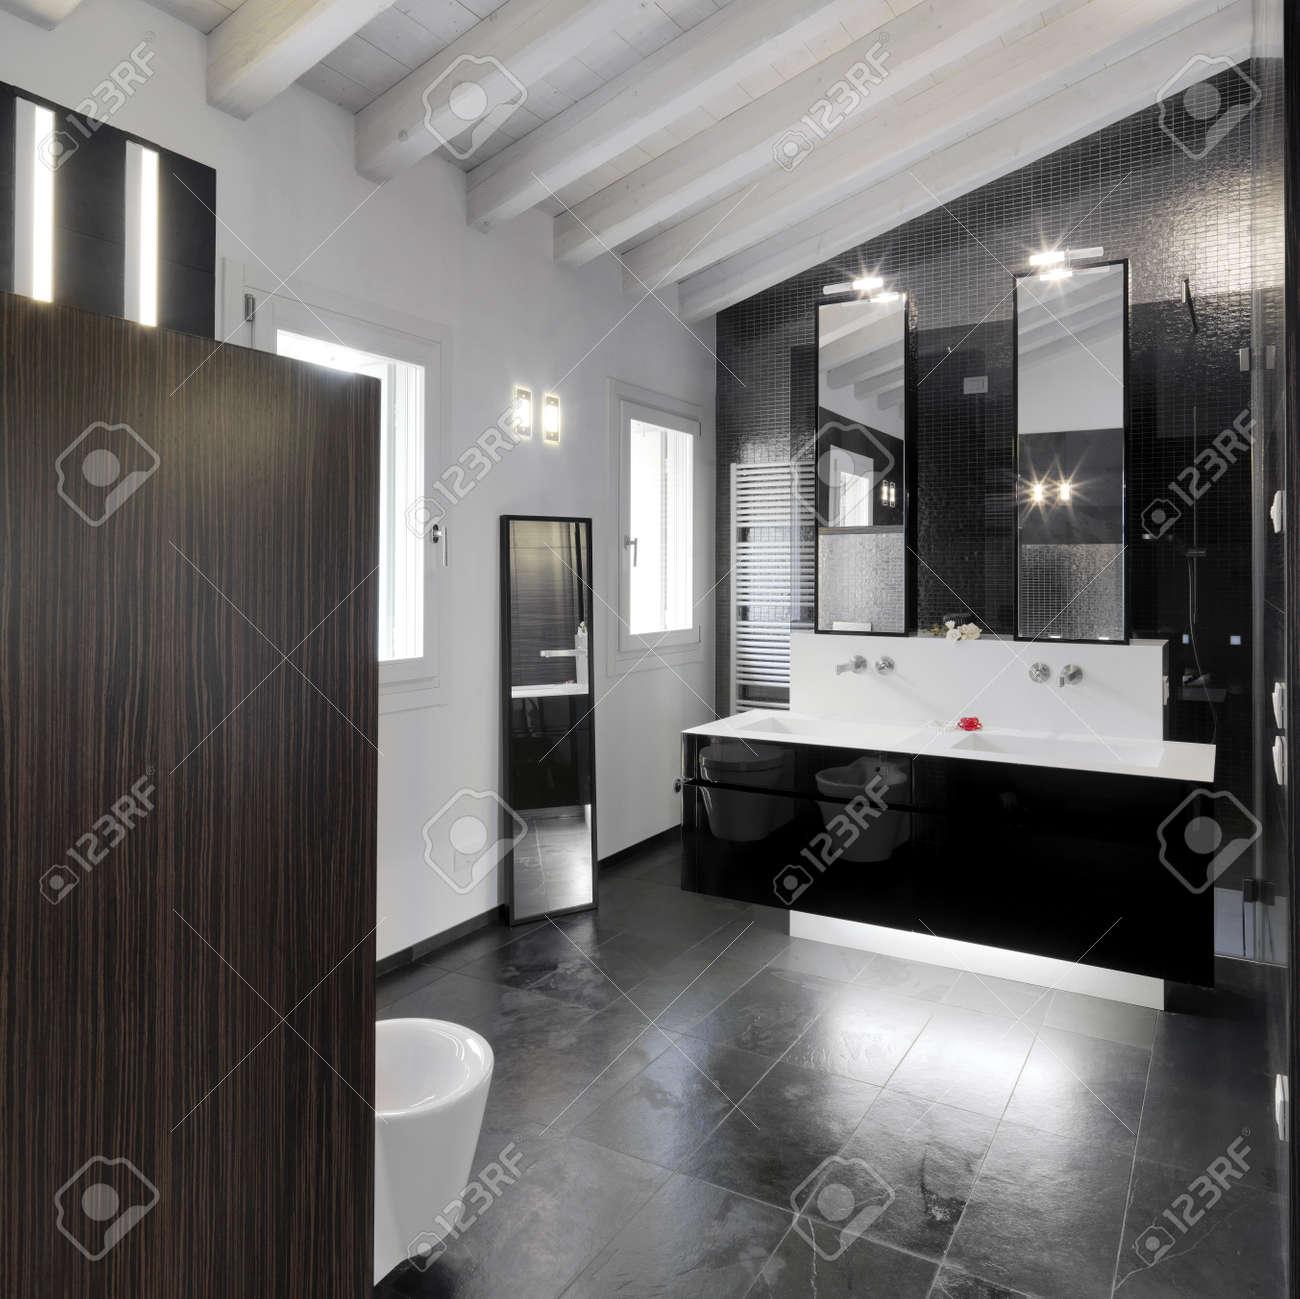 Vue intérieure de salle de bains moderne dans la chambre mansardée ...